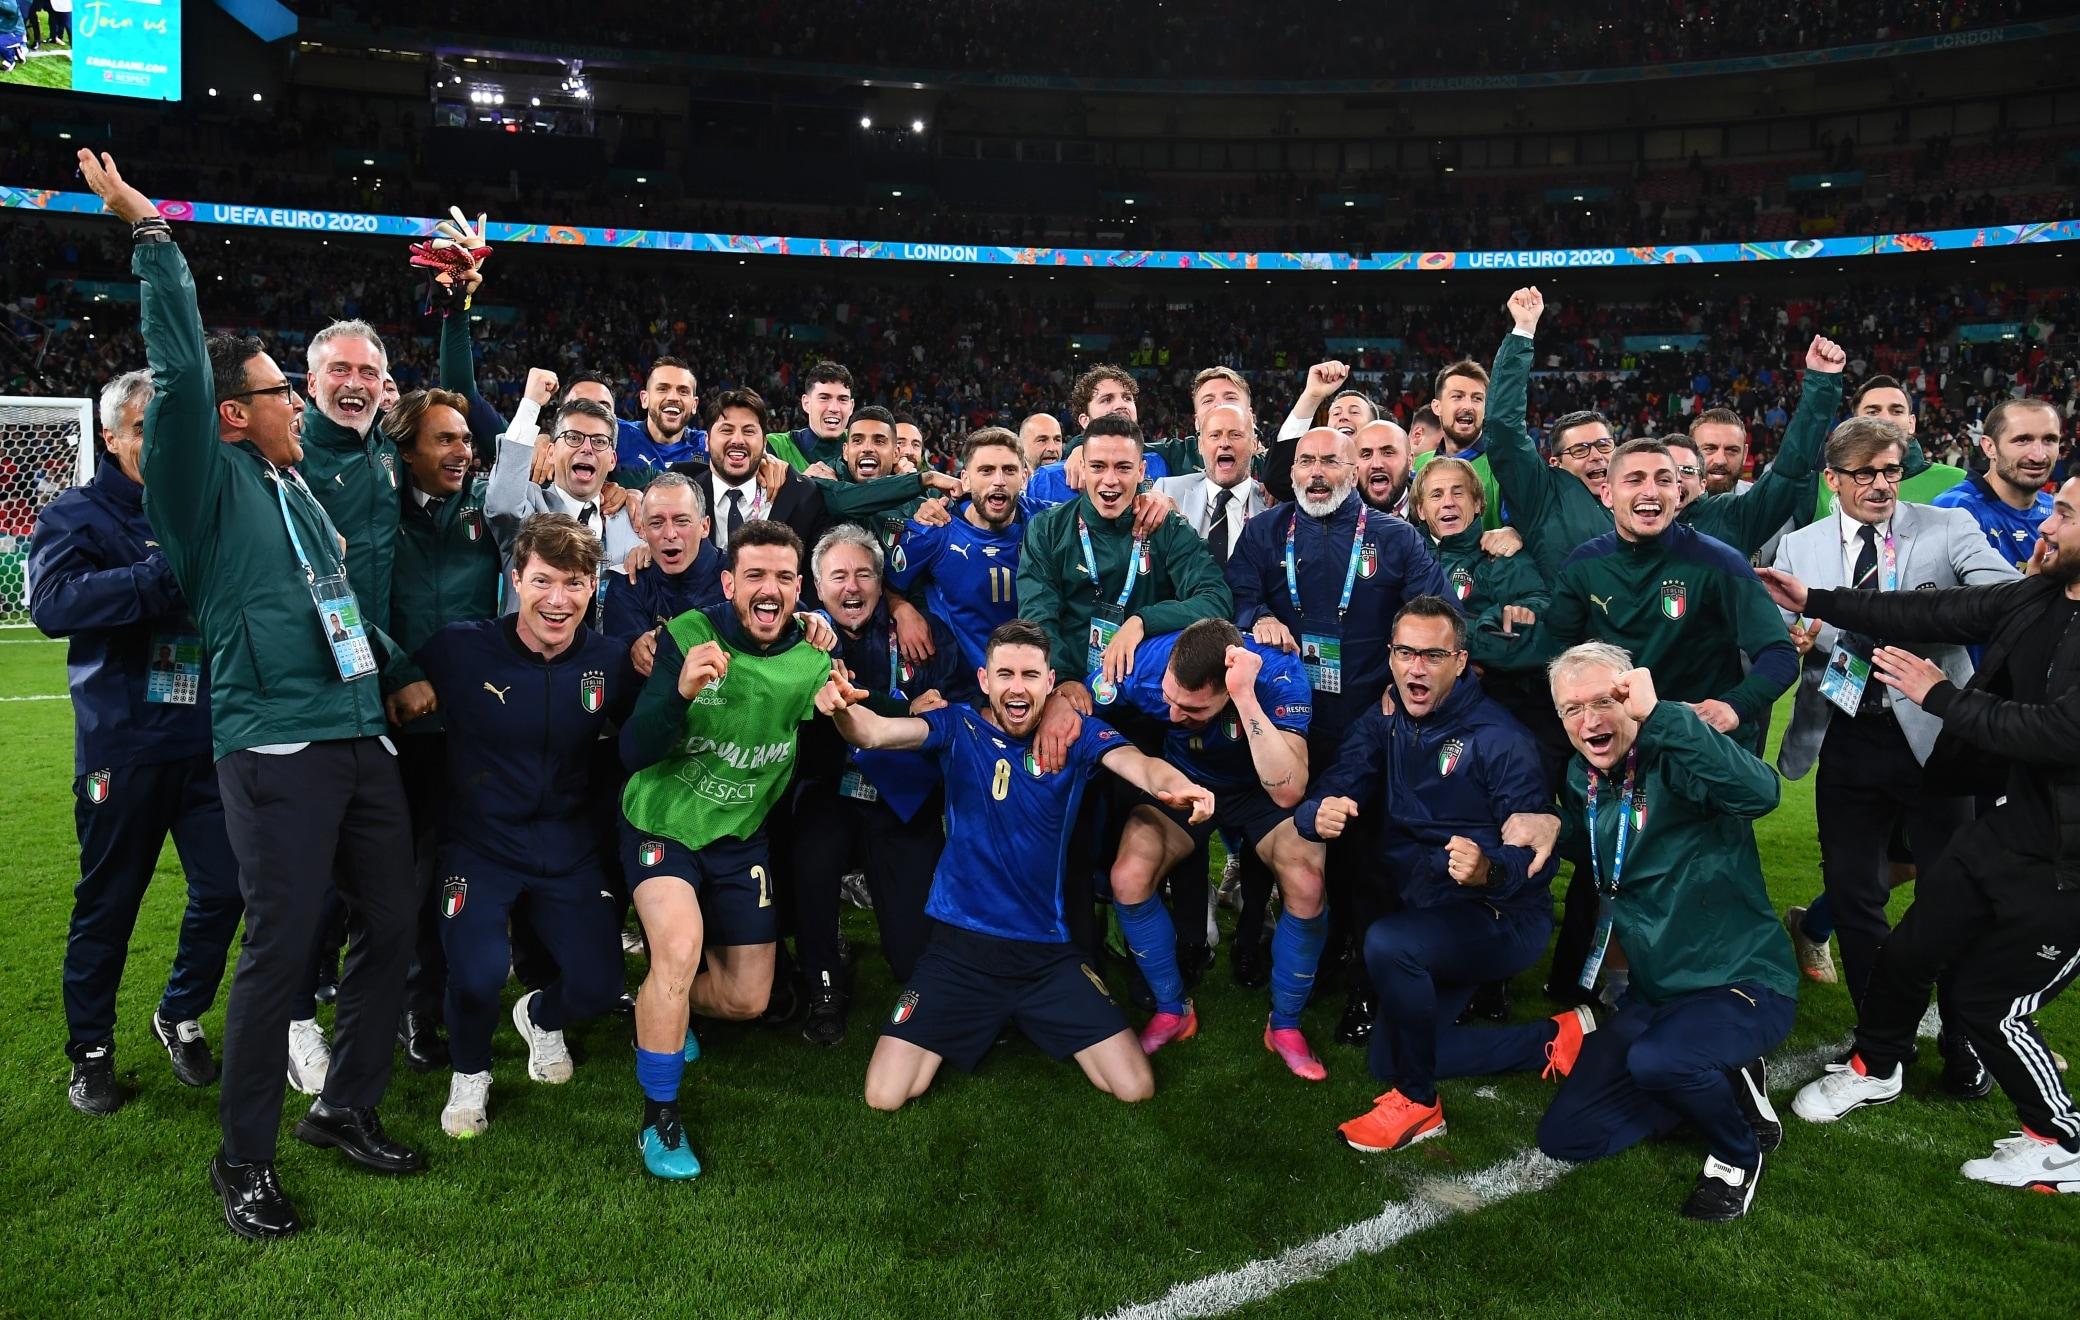 Italia-Spagna 5-3 dcr, gol e highlights: sbaglia Morata. Azzurri in finale  | Sky Sport